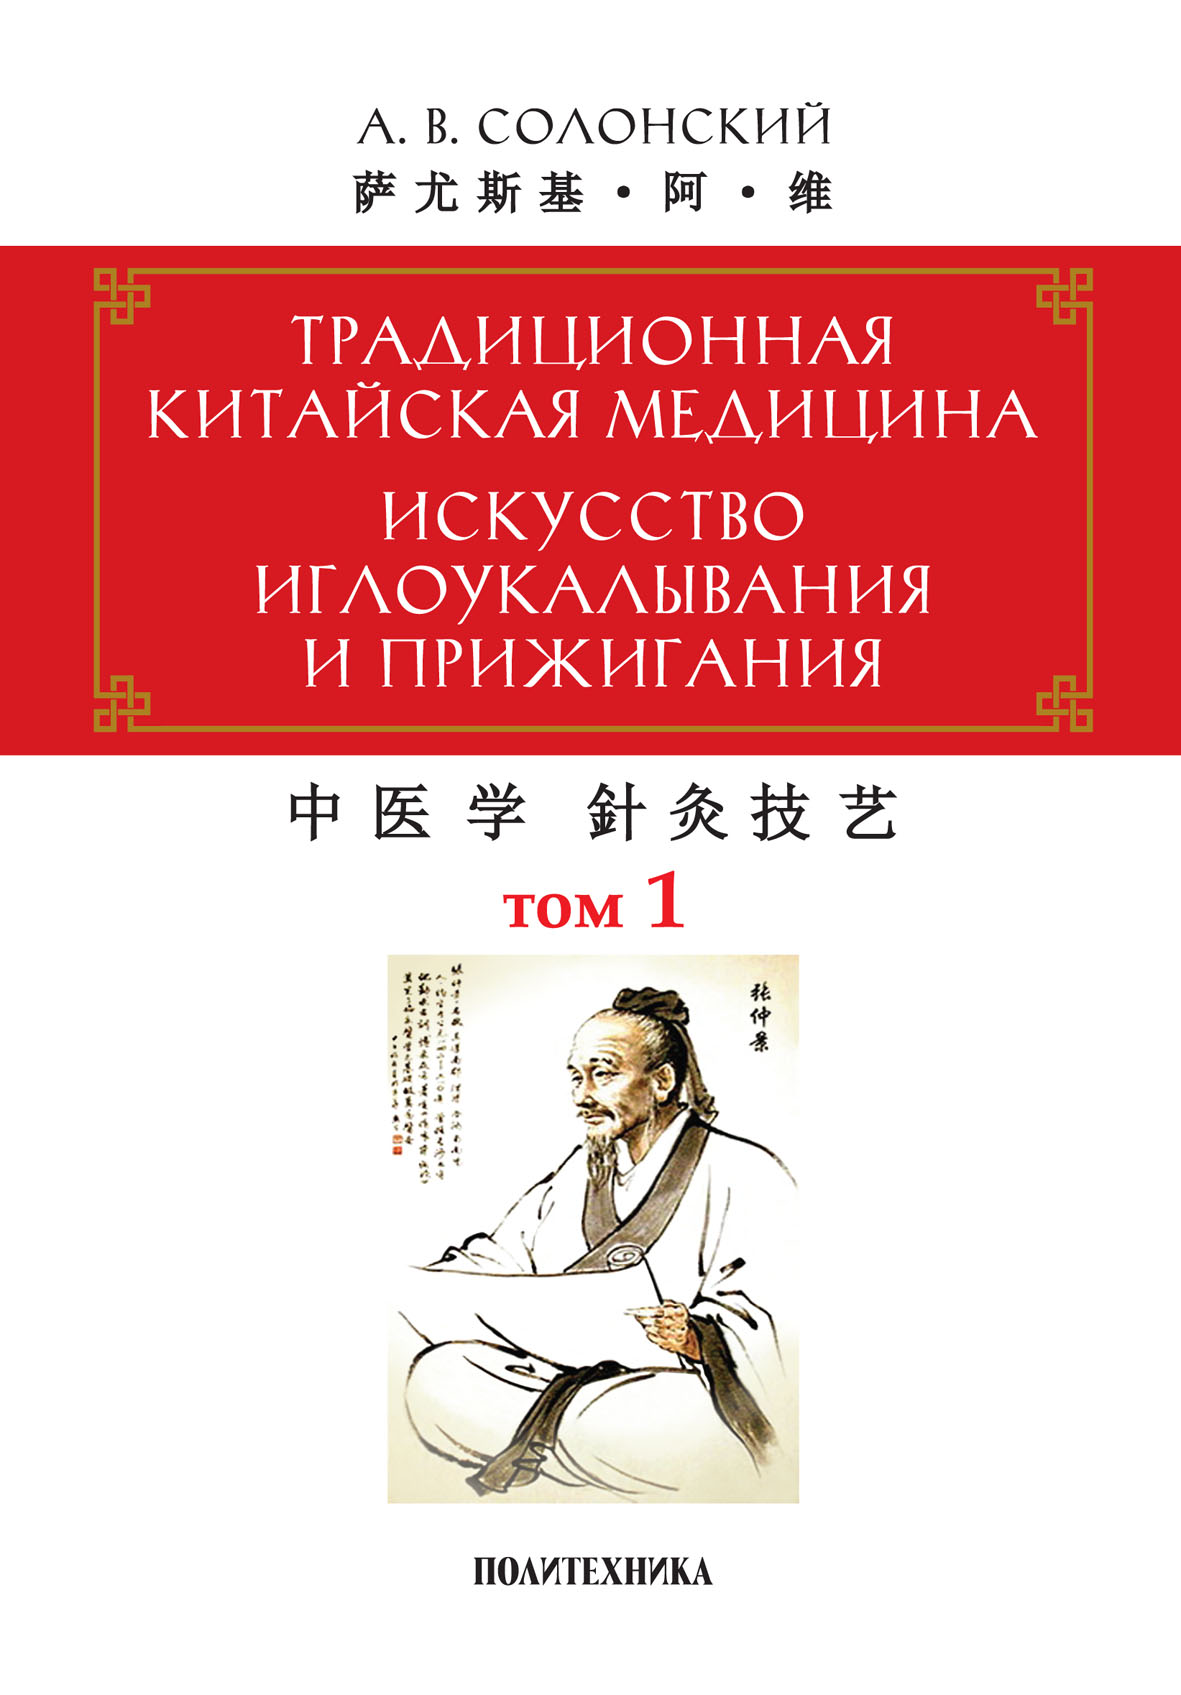 А. В. Солонский | Традиционная китайская медицина. Искусство иглоукалывания и прижигания